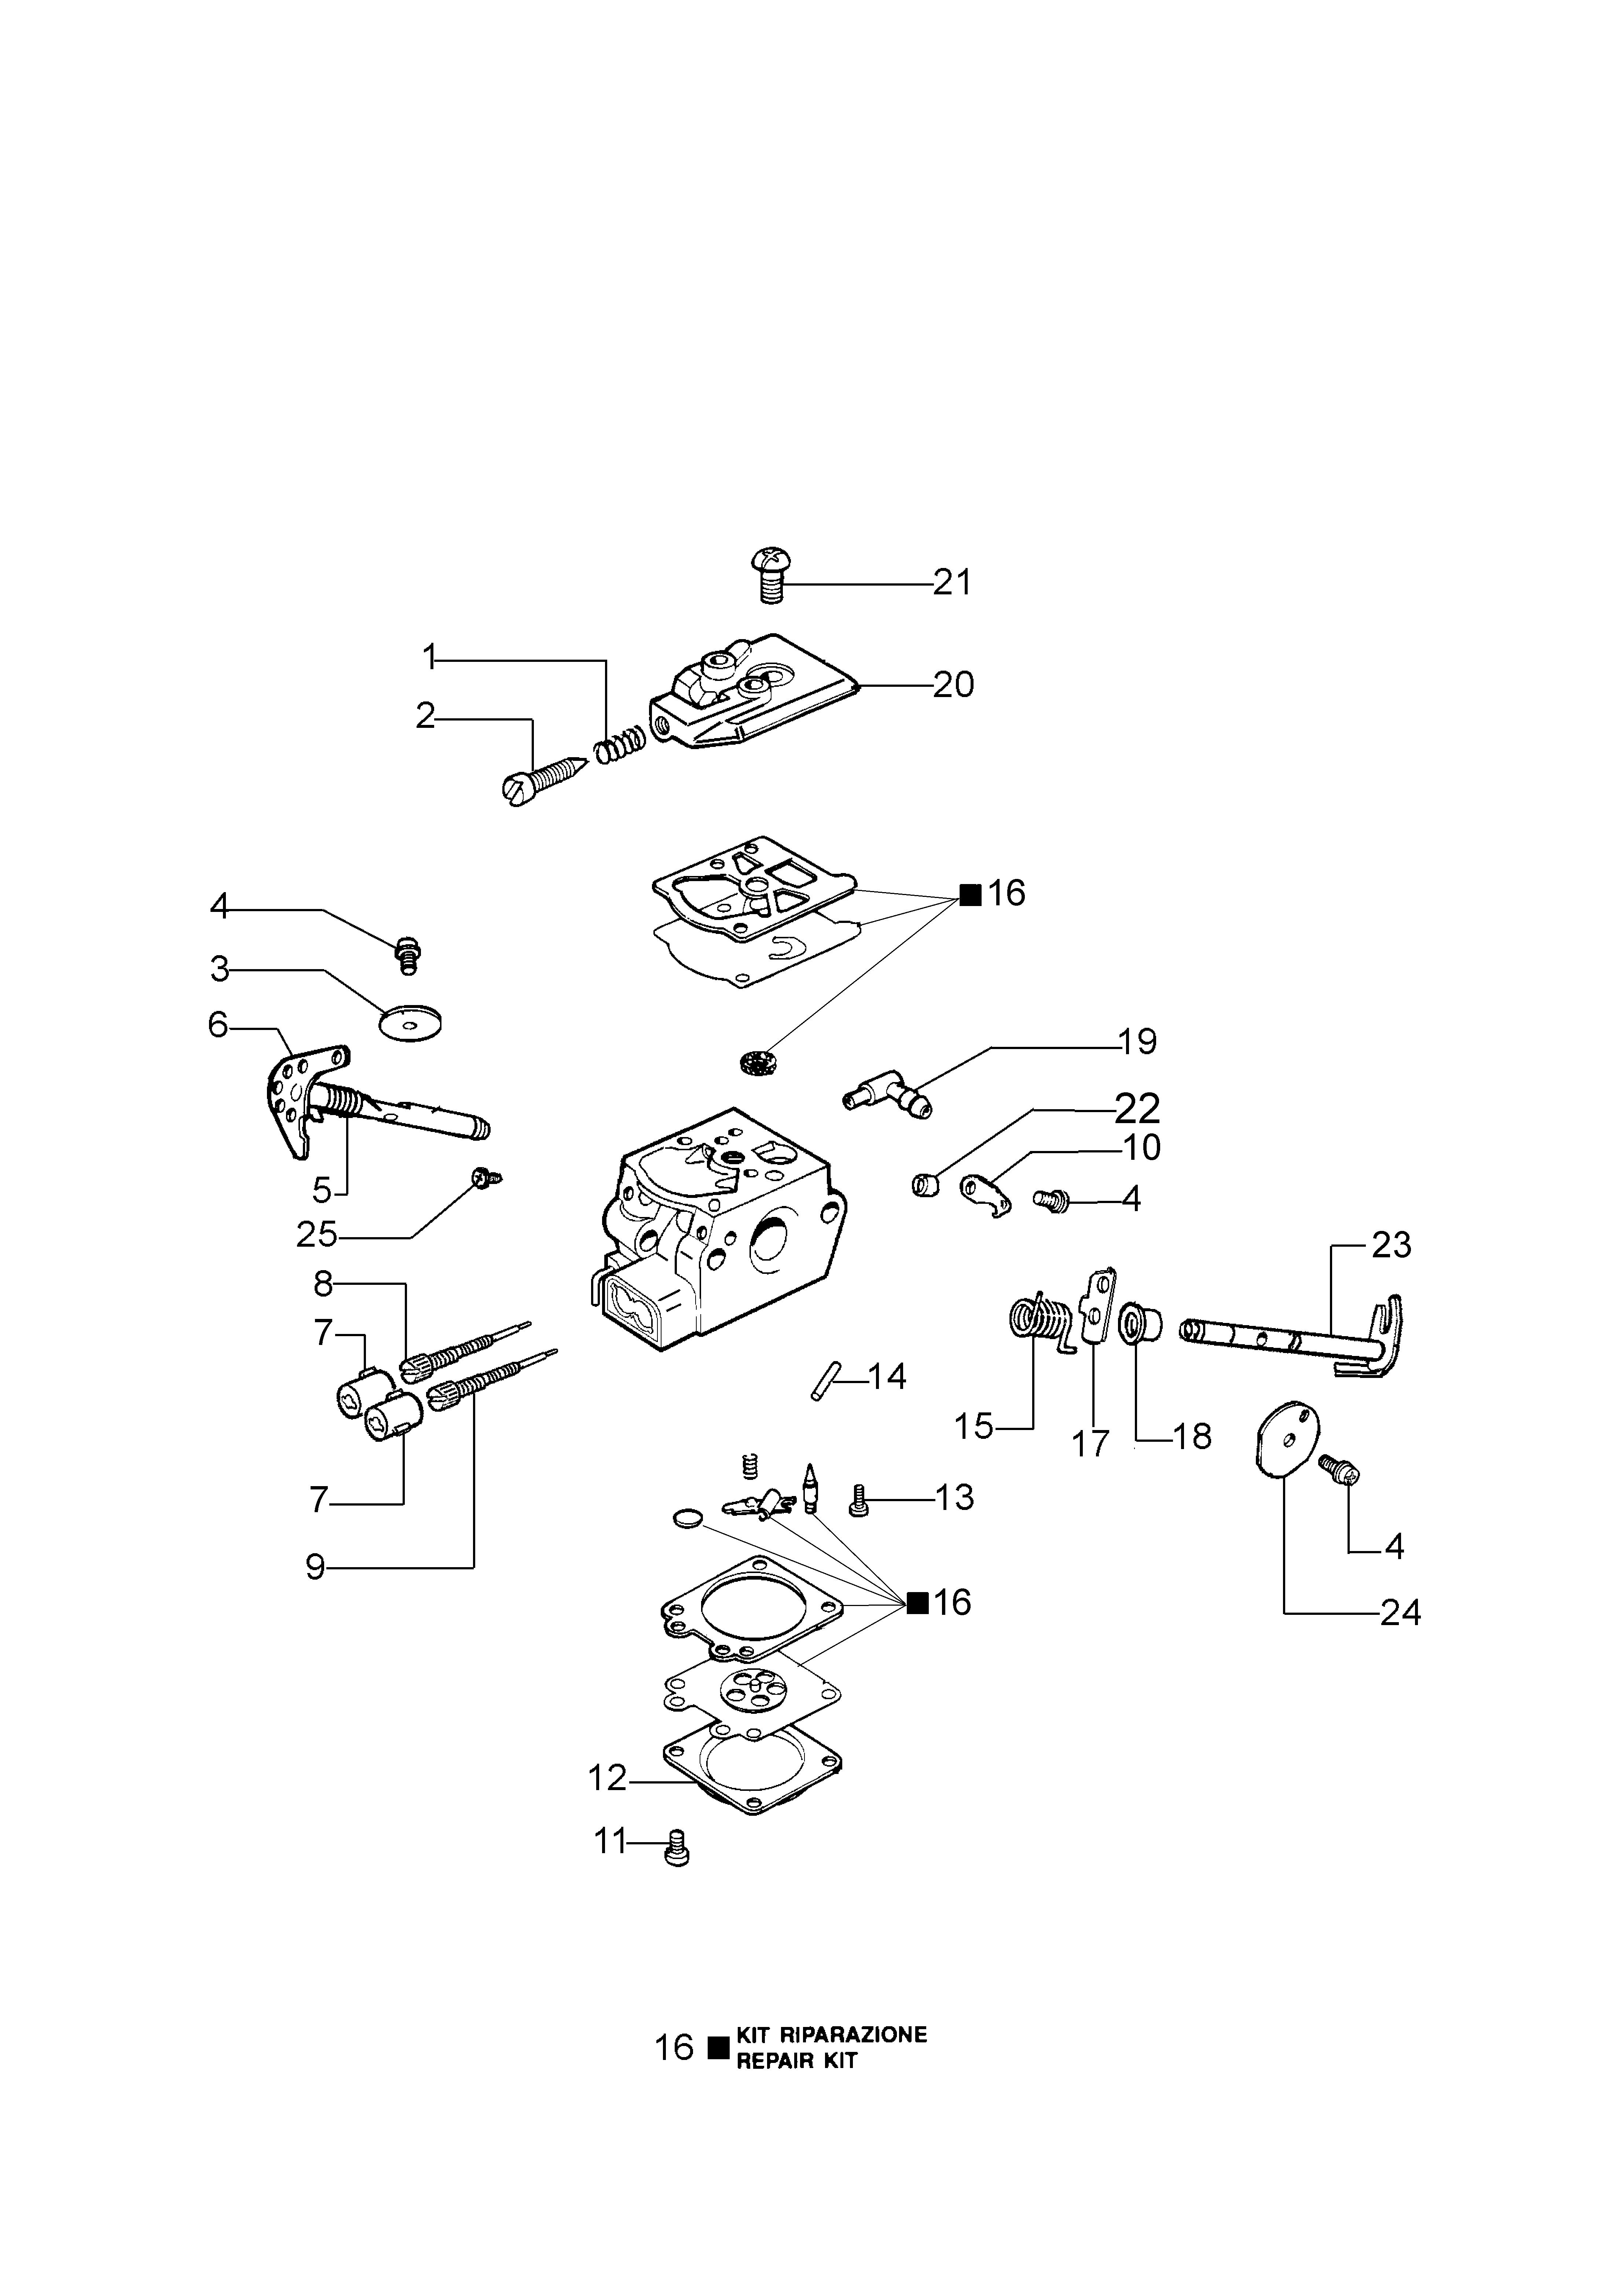 GS 370 (Euro 2) Tronçonneuse oleomac Dessins pièces -  Carburateur WT-781DR